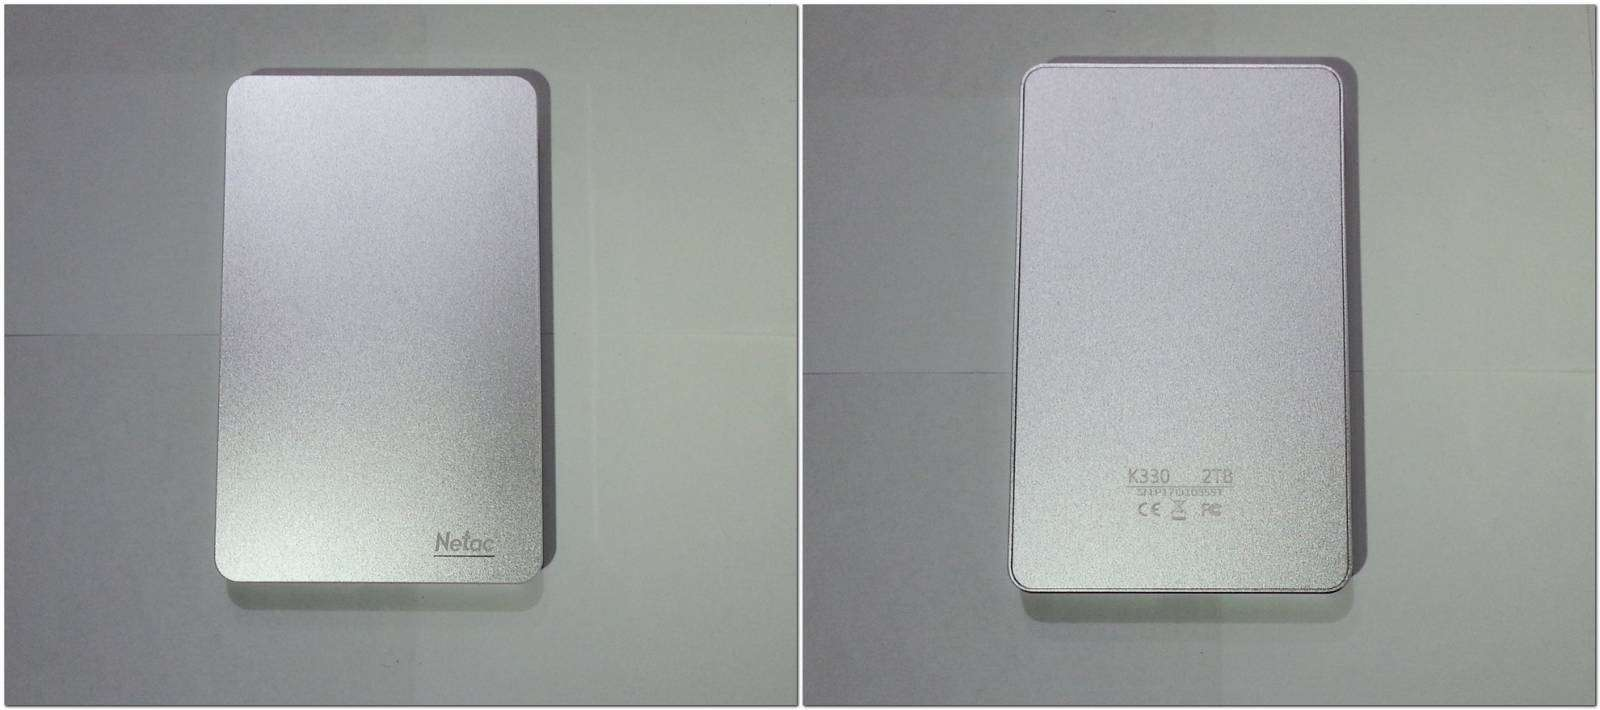 GearBest: Опять Нетак – еще и компактный внешний 2Тб винчестер Netac K330